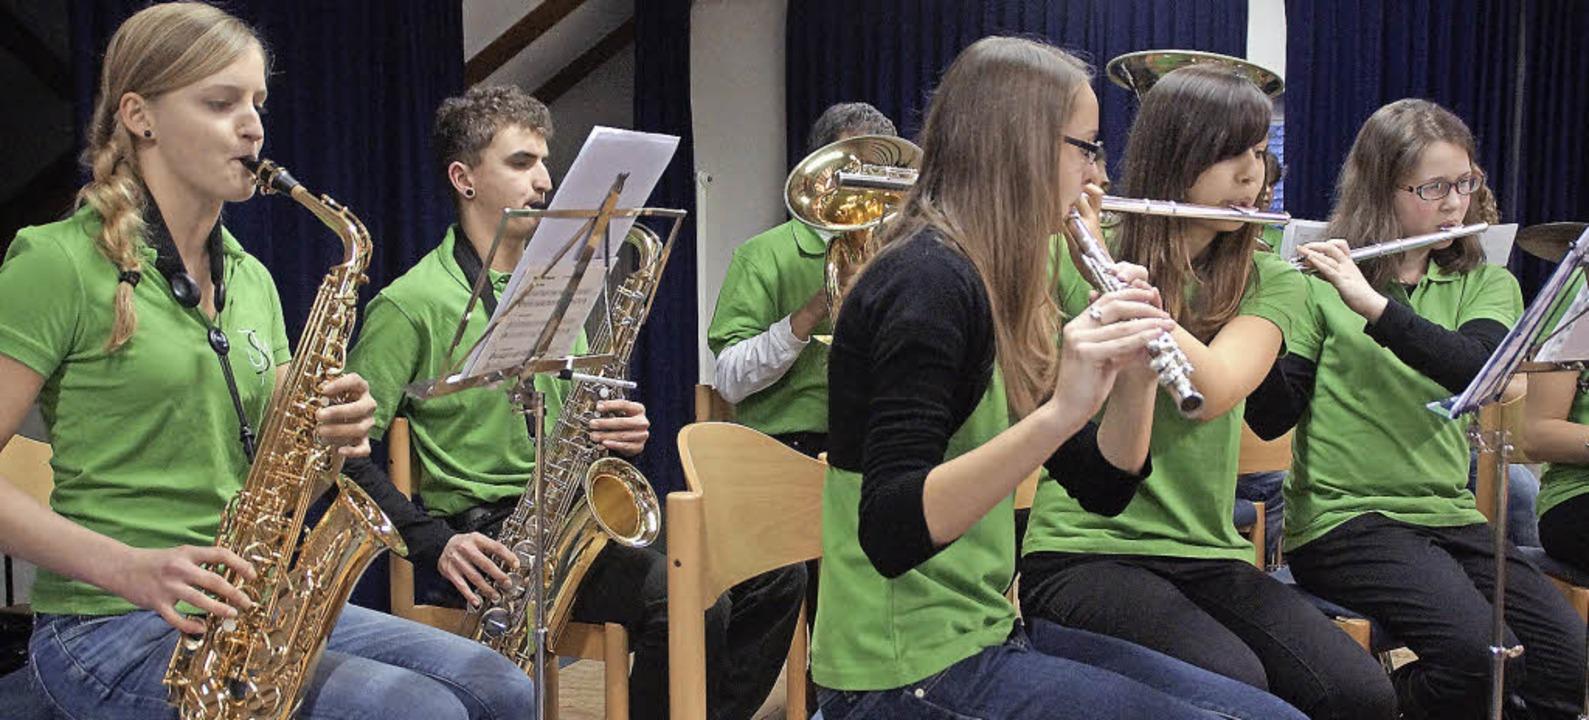 Die Jugendmusik der Stadtmusik Schönau in den neuen grünen T-Shirts   | Foto: Verena Wehrle